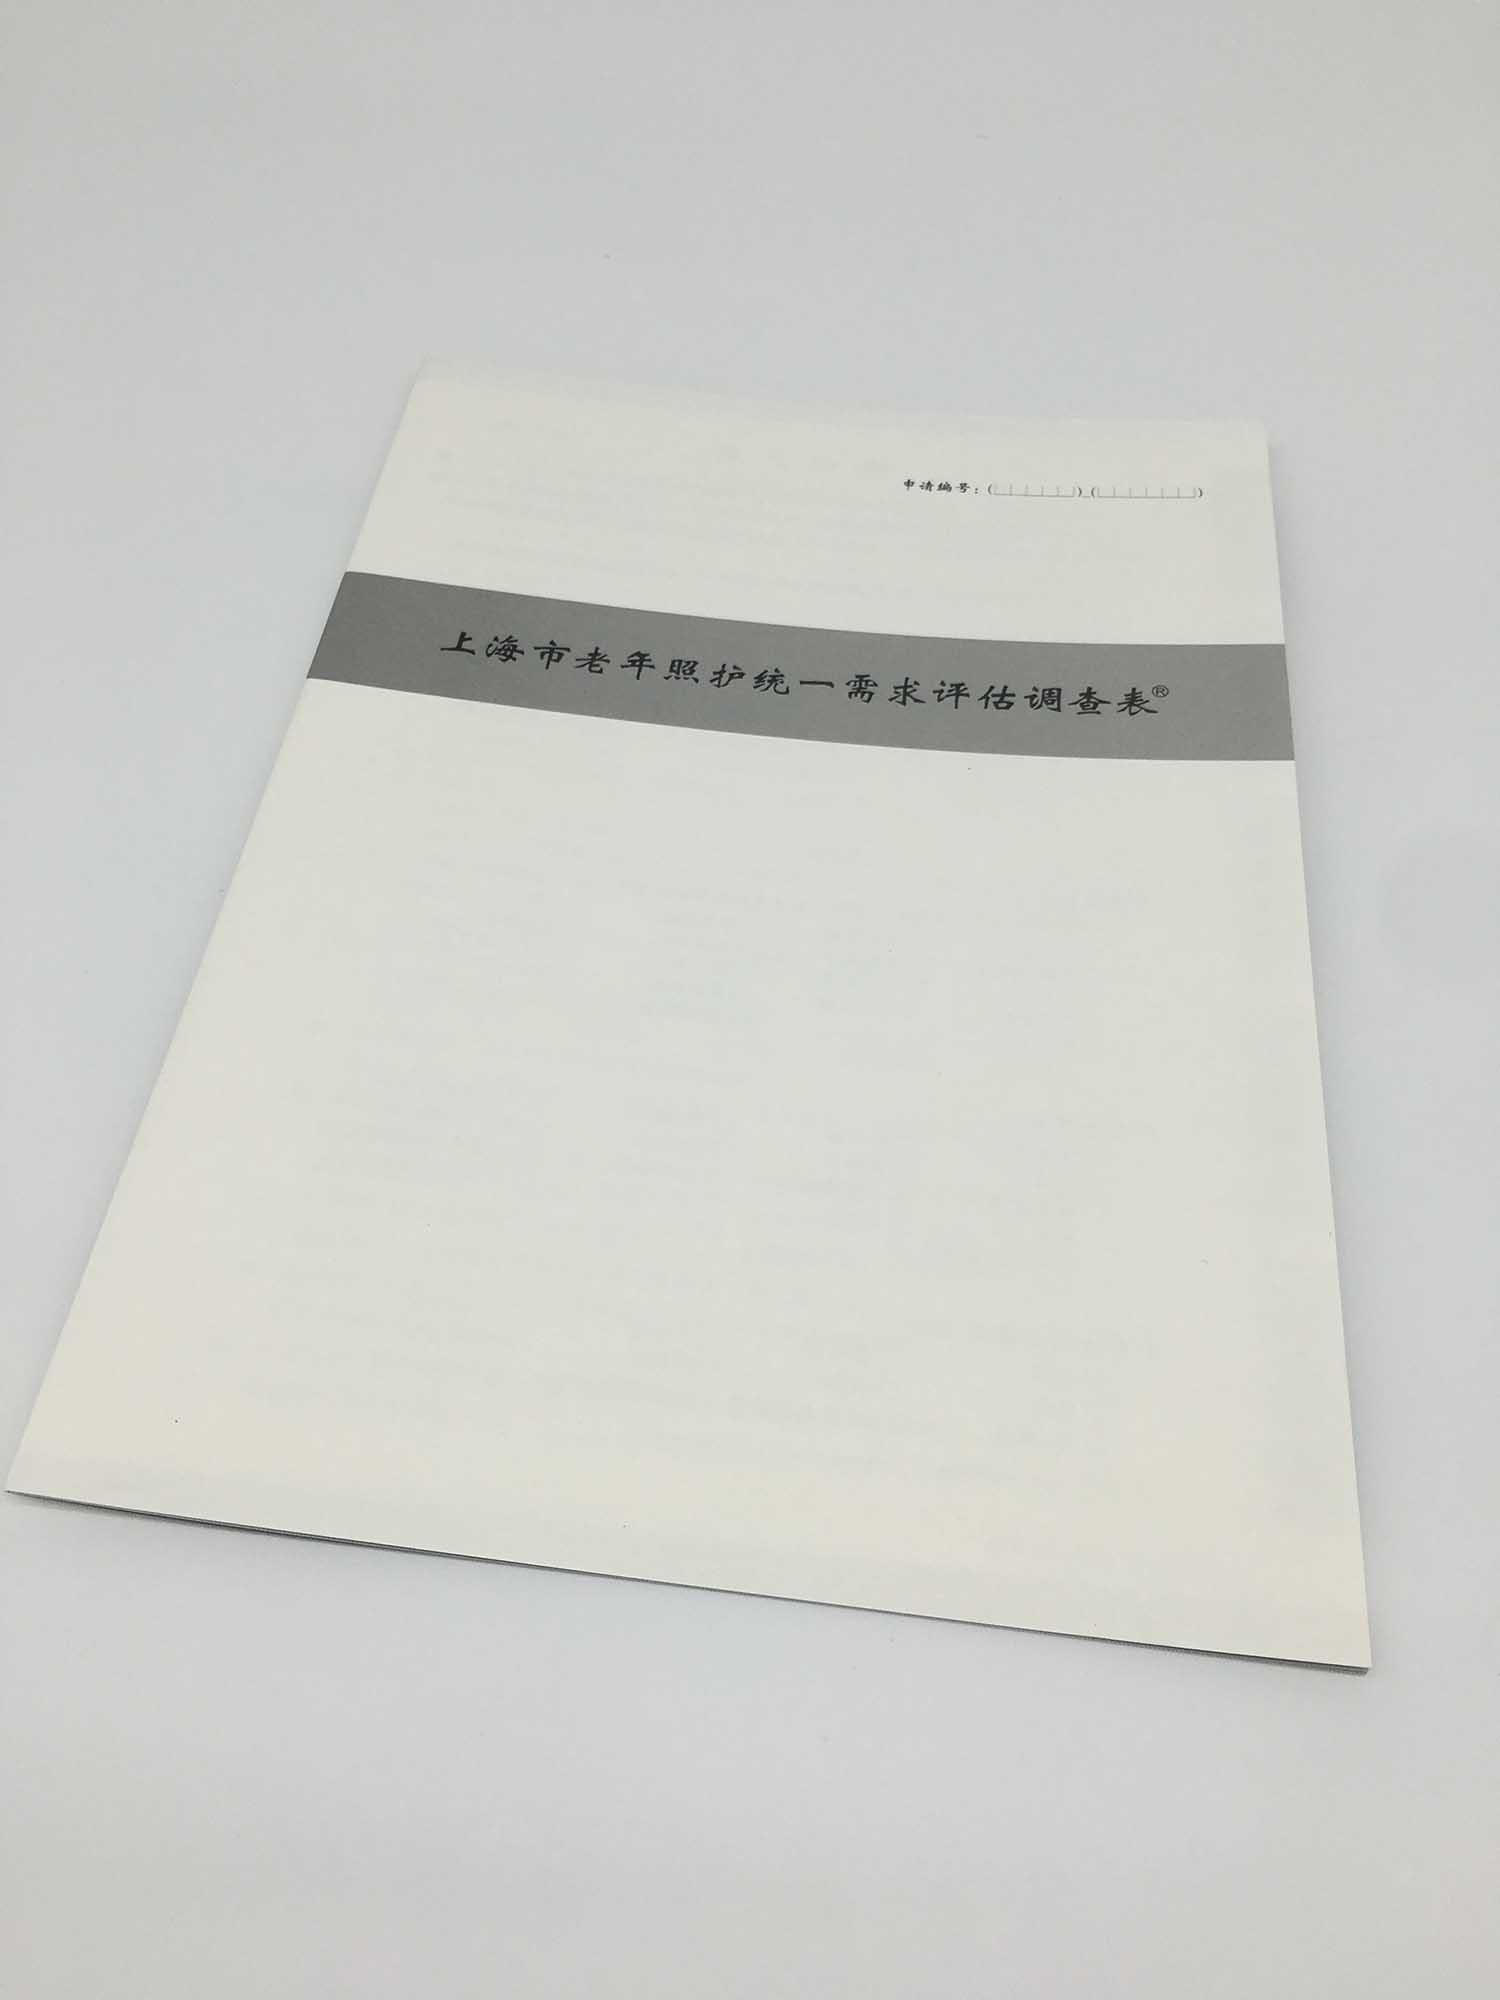 福贡印刷厂画册样本宣传册定制